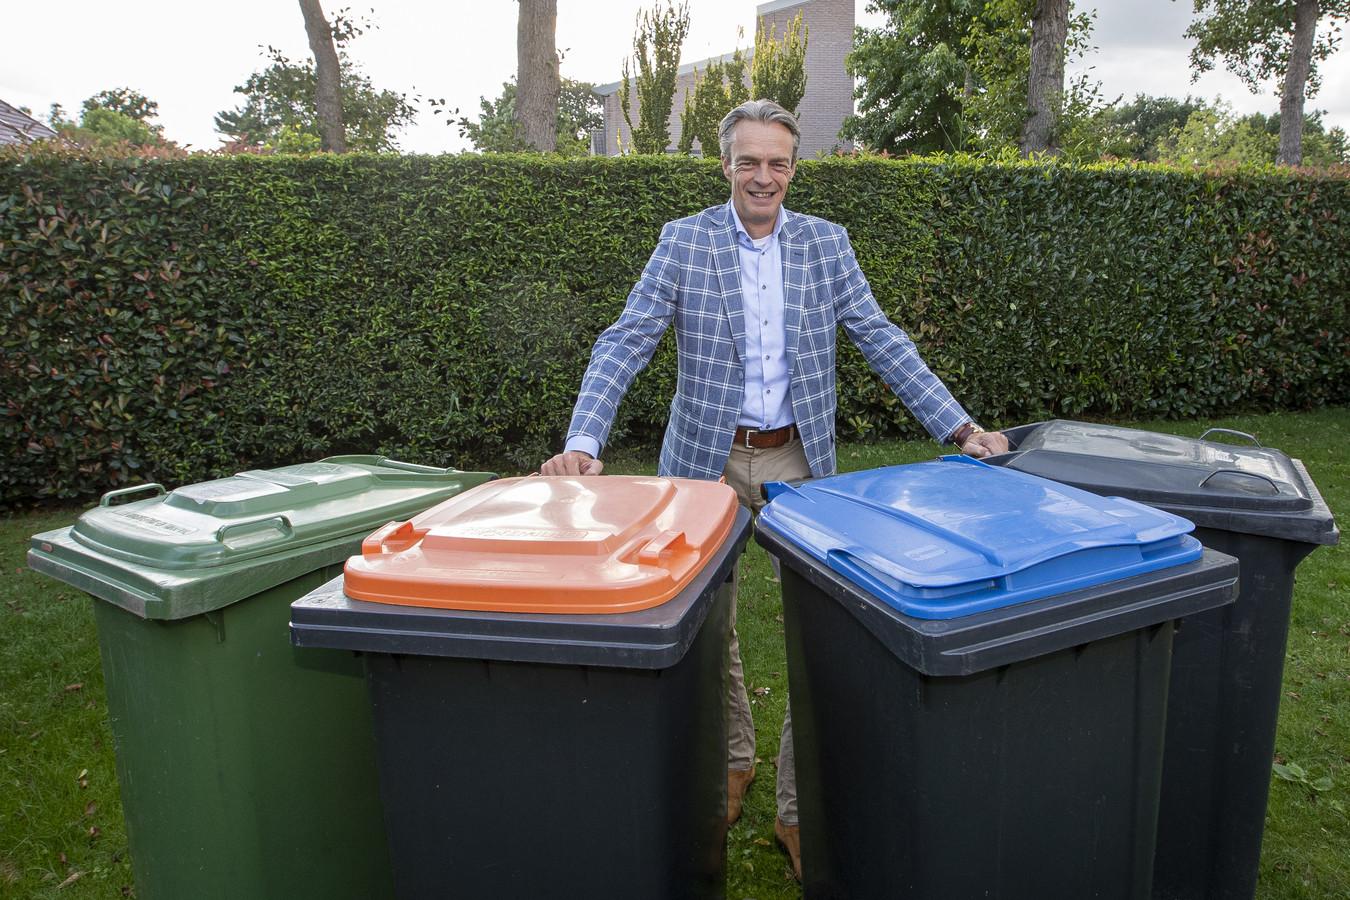 TT-2020-004387 ALMELO - Fractievoorzitter Fred Gerritsen van Fred Gerritsen van Democraten.Nu wil twee bakken (grijs en groen) overhouden. Plastic en papier kan volgens hem beter op andere wijze worden gescheiden.